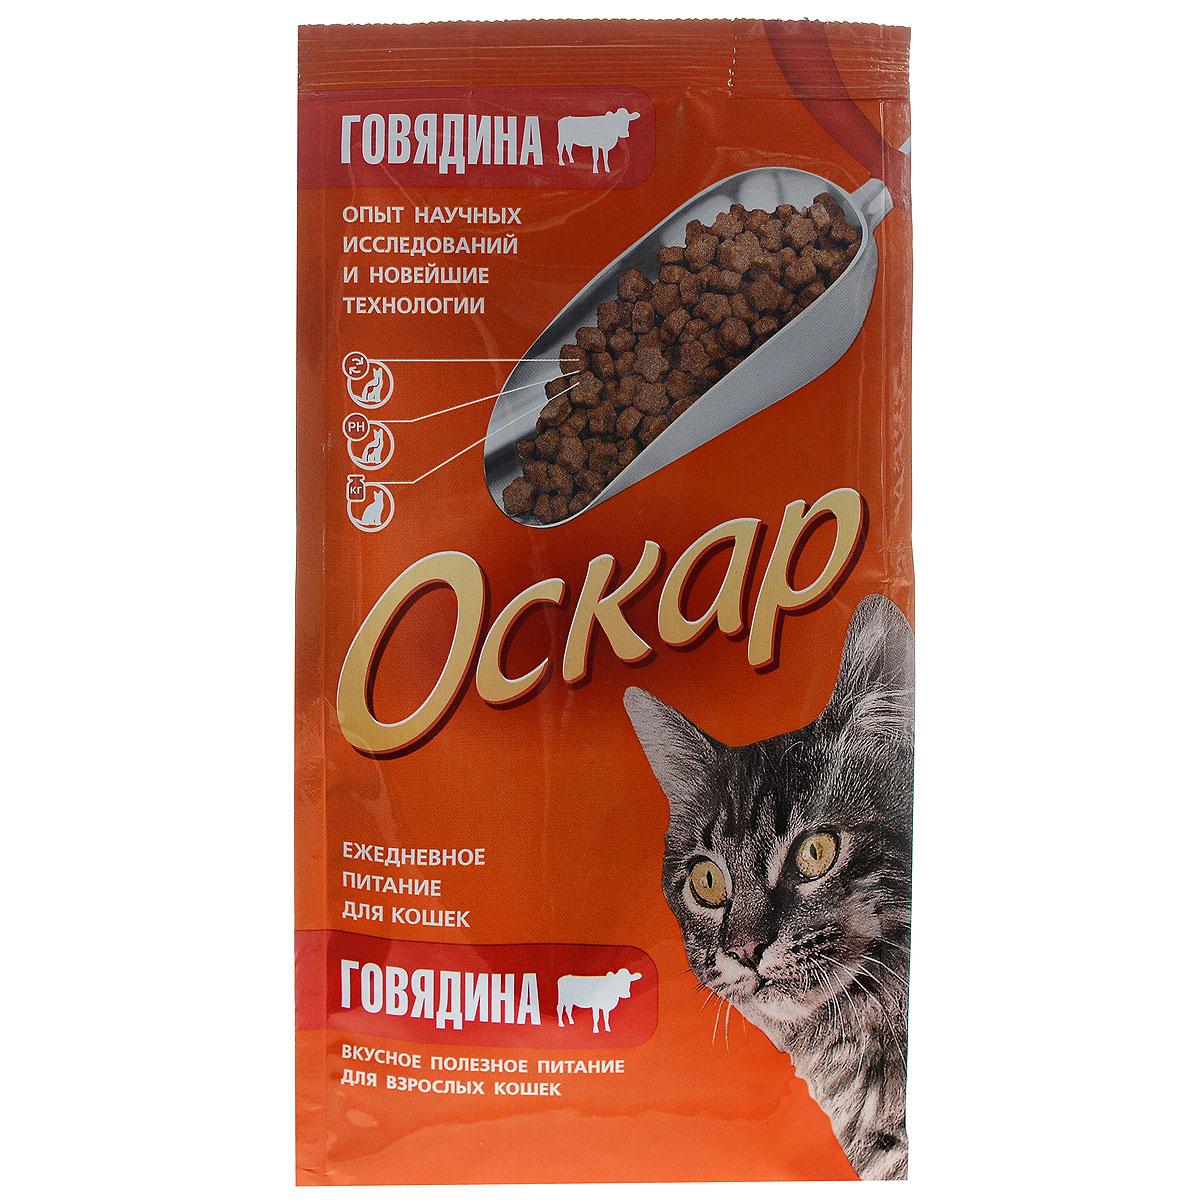 Корм сухой Оскар для кошек, с мясом говядины, 400 г14139Сухой корм для кошек Оскар - полноценное питание, которое содержит полный комплекс веществ для здоровья вашего питомца. Особенности рациона: Необходимое сочетание ингредиентов для достижения правильной усвояемости питательных веществ организмом. Источник линолевой кислоты и правильного уровня витаминов группы В благотворно влияют на кожу и шерсть. Таурин - для здоровья глаз и сердца. Состав: злаки (в т.ч. рис), экстракт белка растительного происхождения, мясо и продукты животного происхождения (в т.ч. говядина - печень), подсолнечное масло, минеральные добавки, гидролизованная печень, пульпа сахарной свеклы (жом), овощи, витамины, пивные дрожжи, таурин, антиоксидант. Анализ: сырой протеин 30%, сырой жир 10%, сырая зола 6,5%, сырая клетчатка 2,5%, влажность 10%, фосфор 0,9%, кальций 1,05%, витамин А 5000 МЕ/кг, витамин Д 500 МЕ/кг, витамин Е 30 мг/кг. Энергетическая ценность: 335 ккал/100 г. Товар сертифицирован.